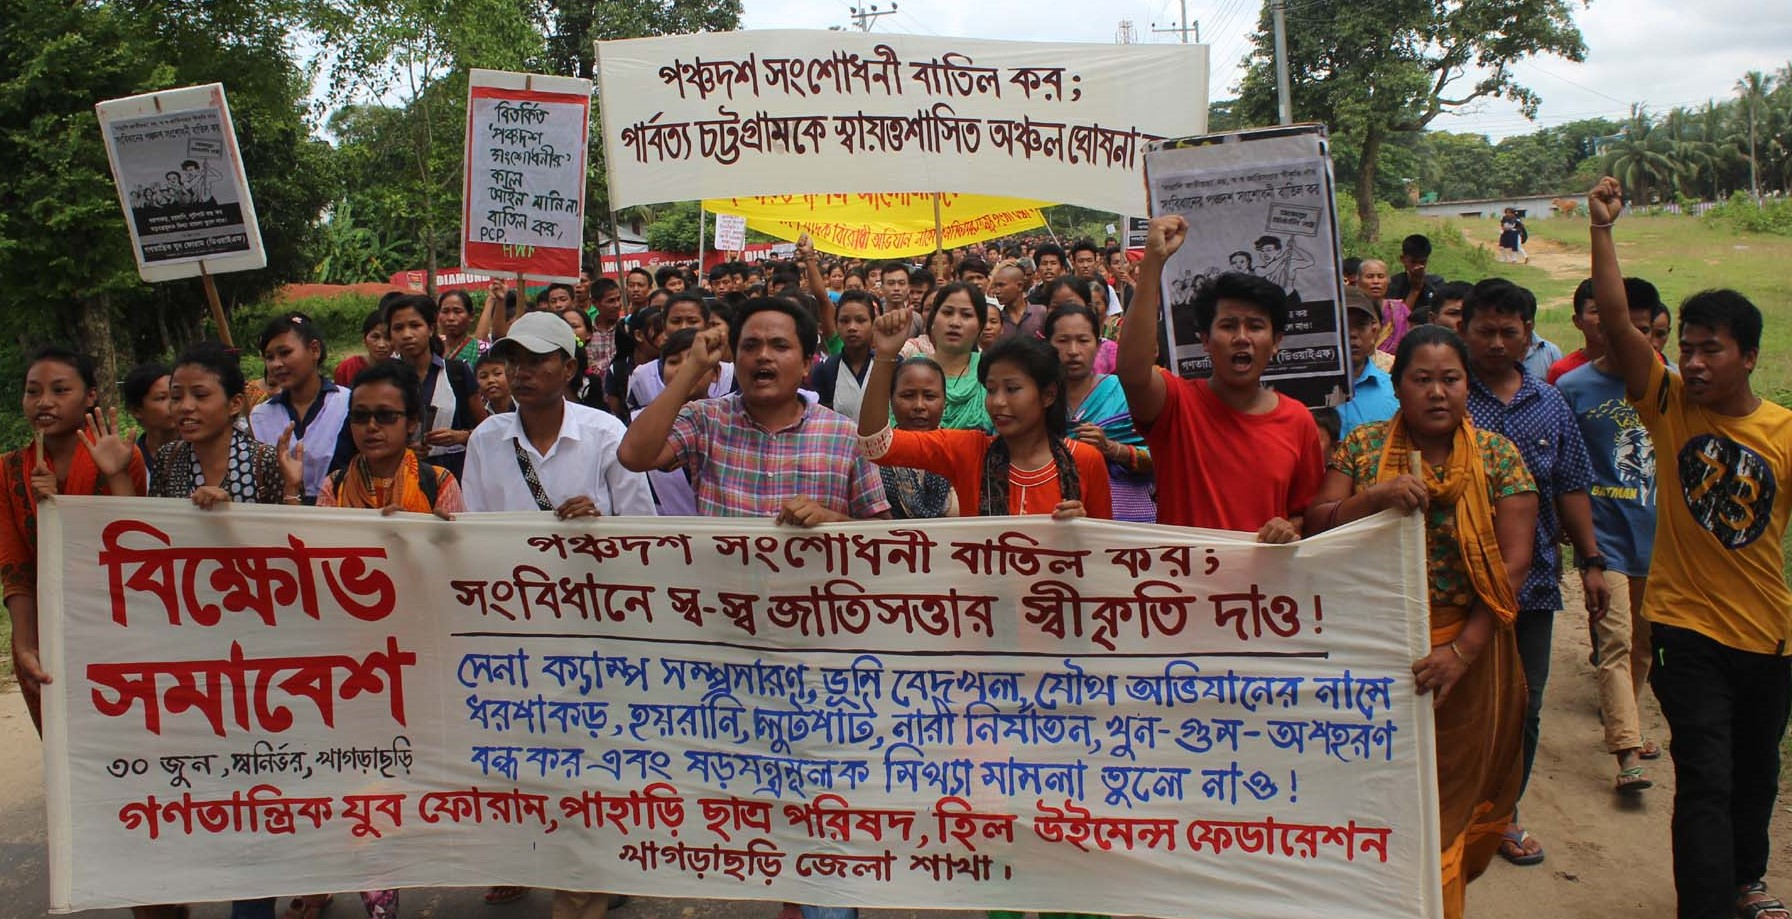 পার্বত্য চট্টগ্রামকে স্বায়িত্তশাসিত অঞ্চল ঘোষণার দাবী